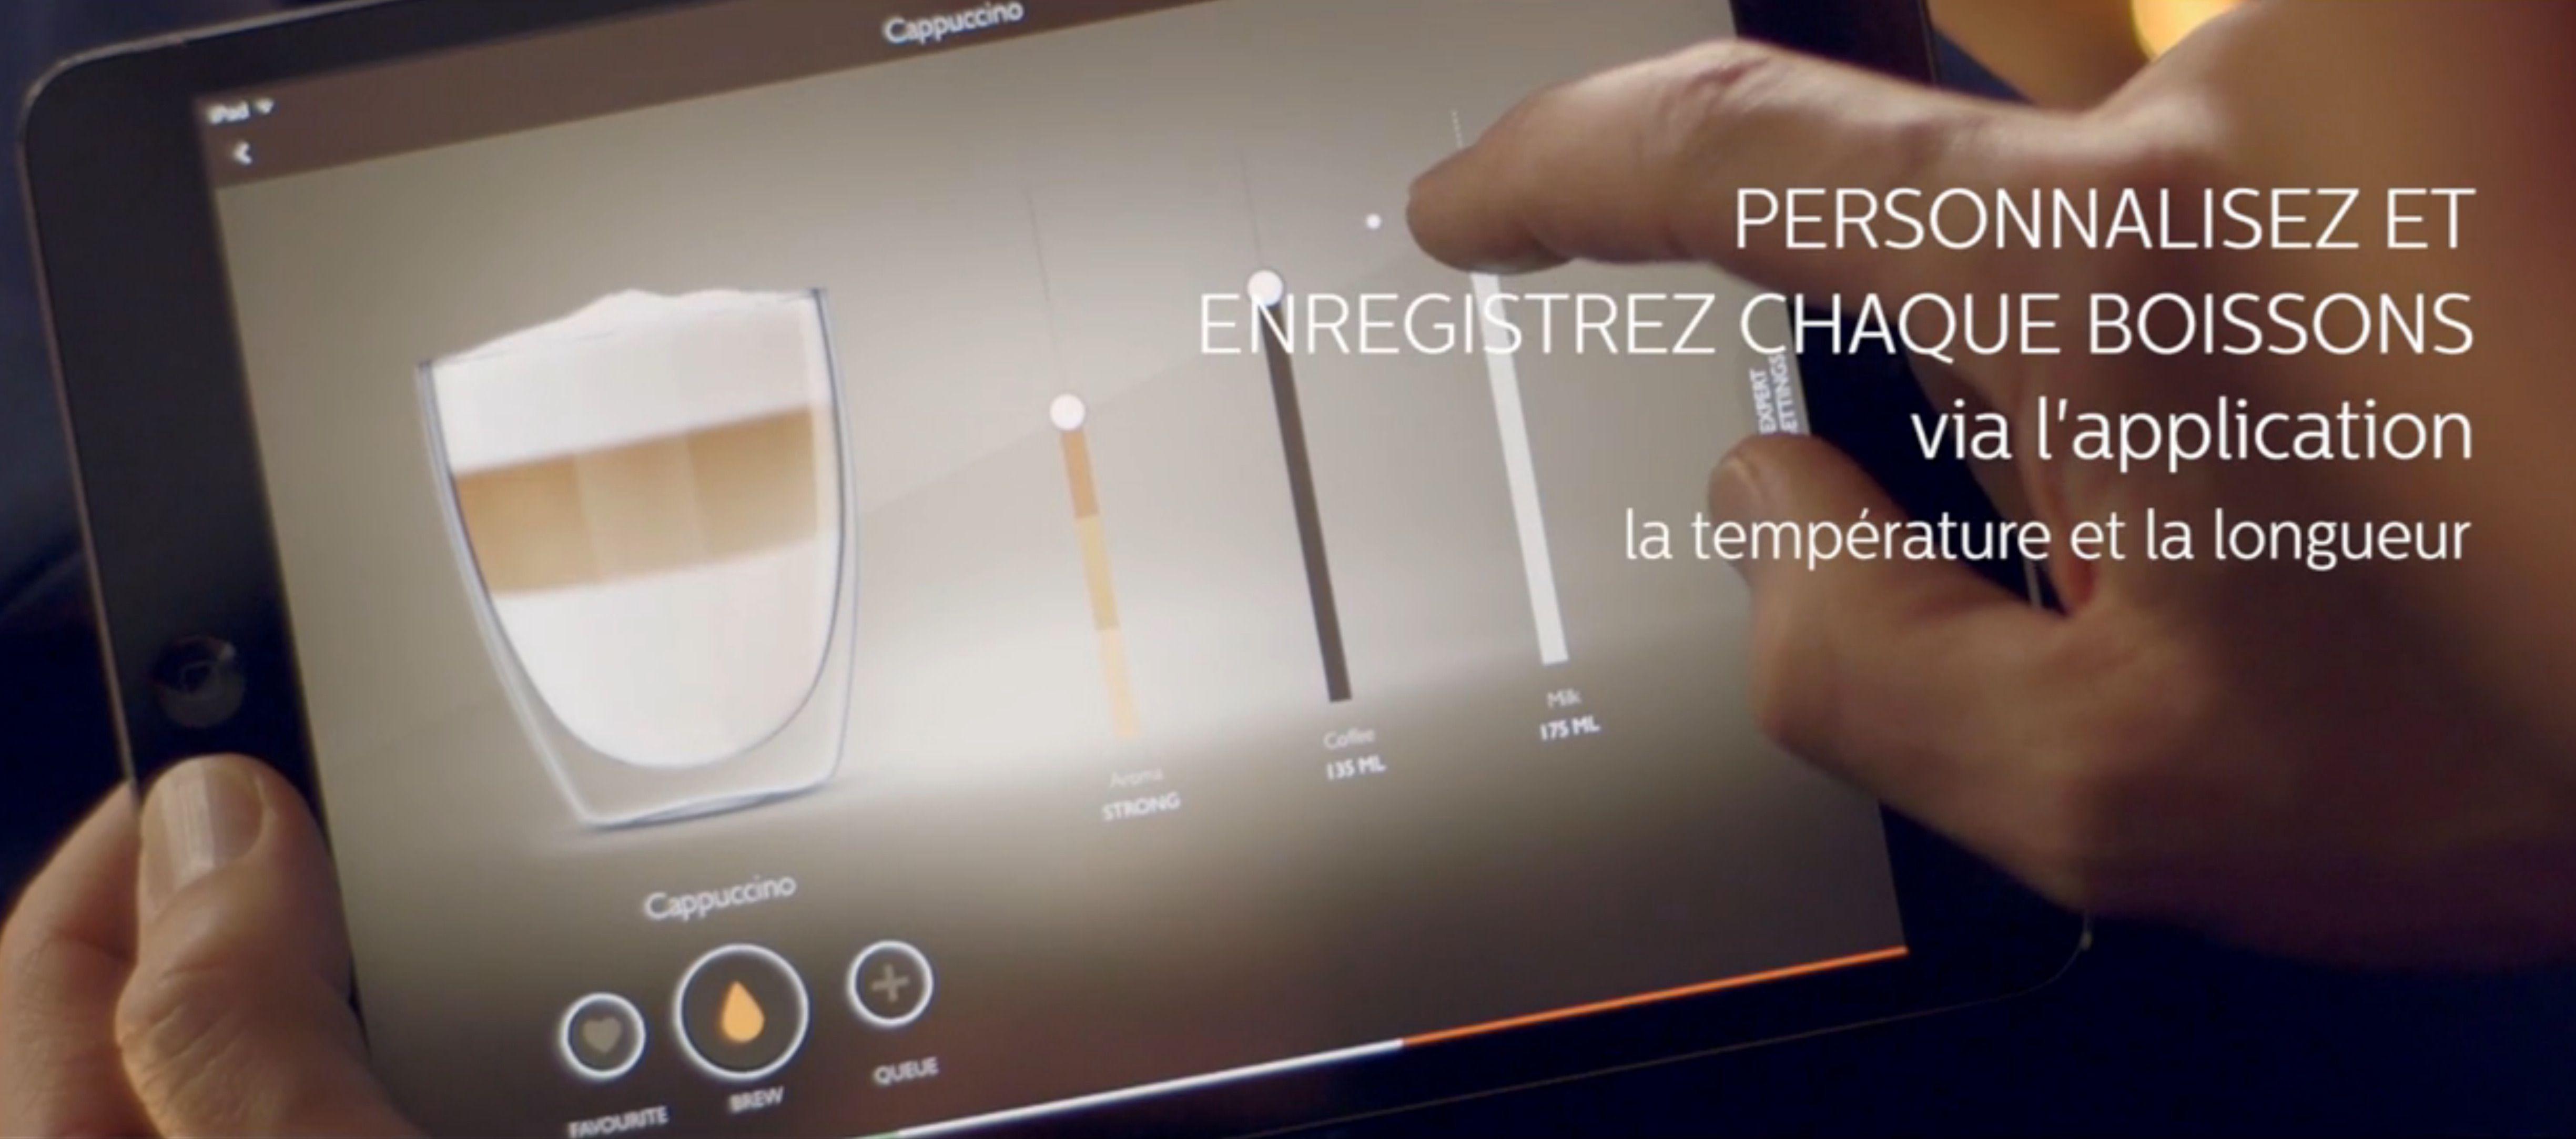 Machine à expresso Saeco HD8977/01 : interface de l'application